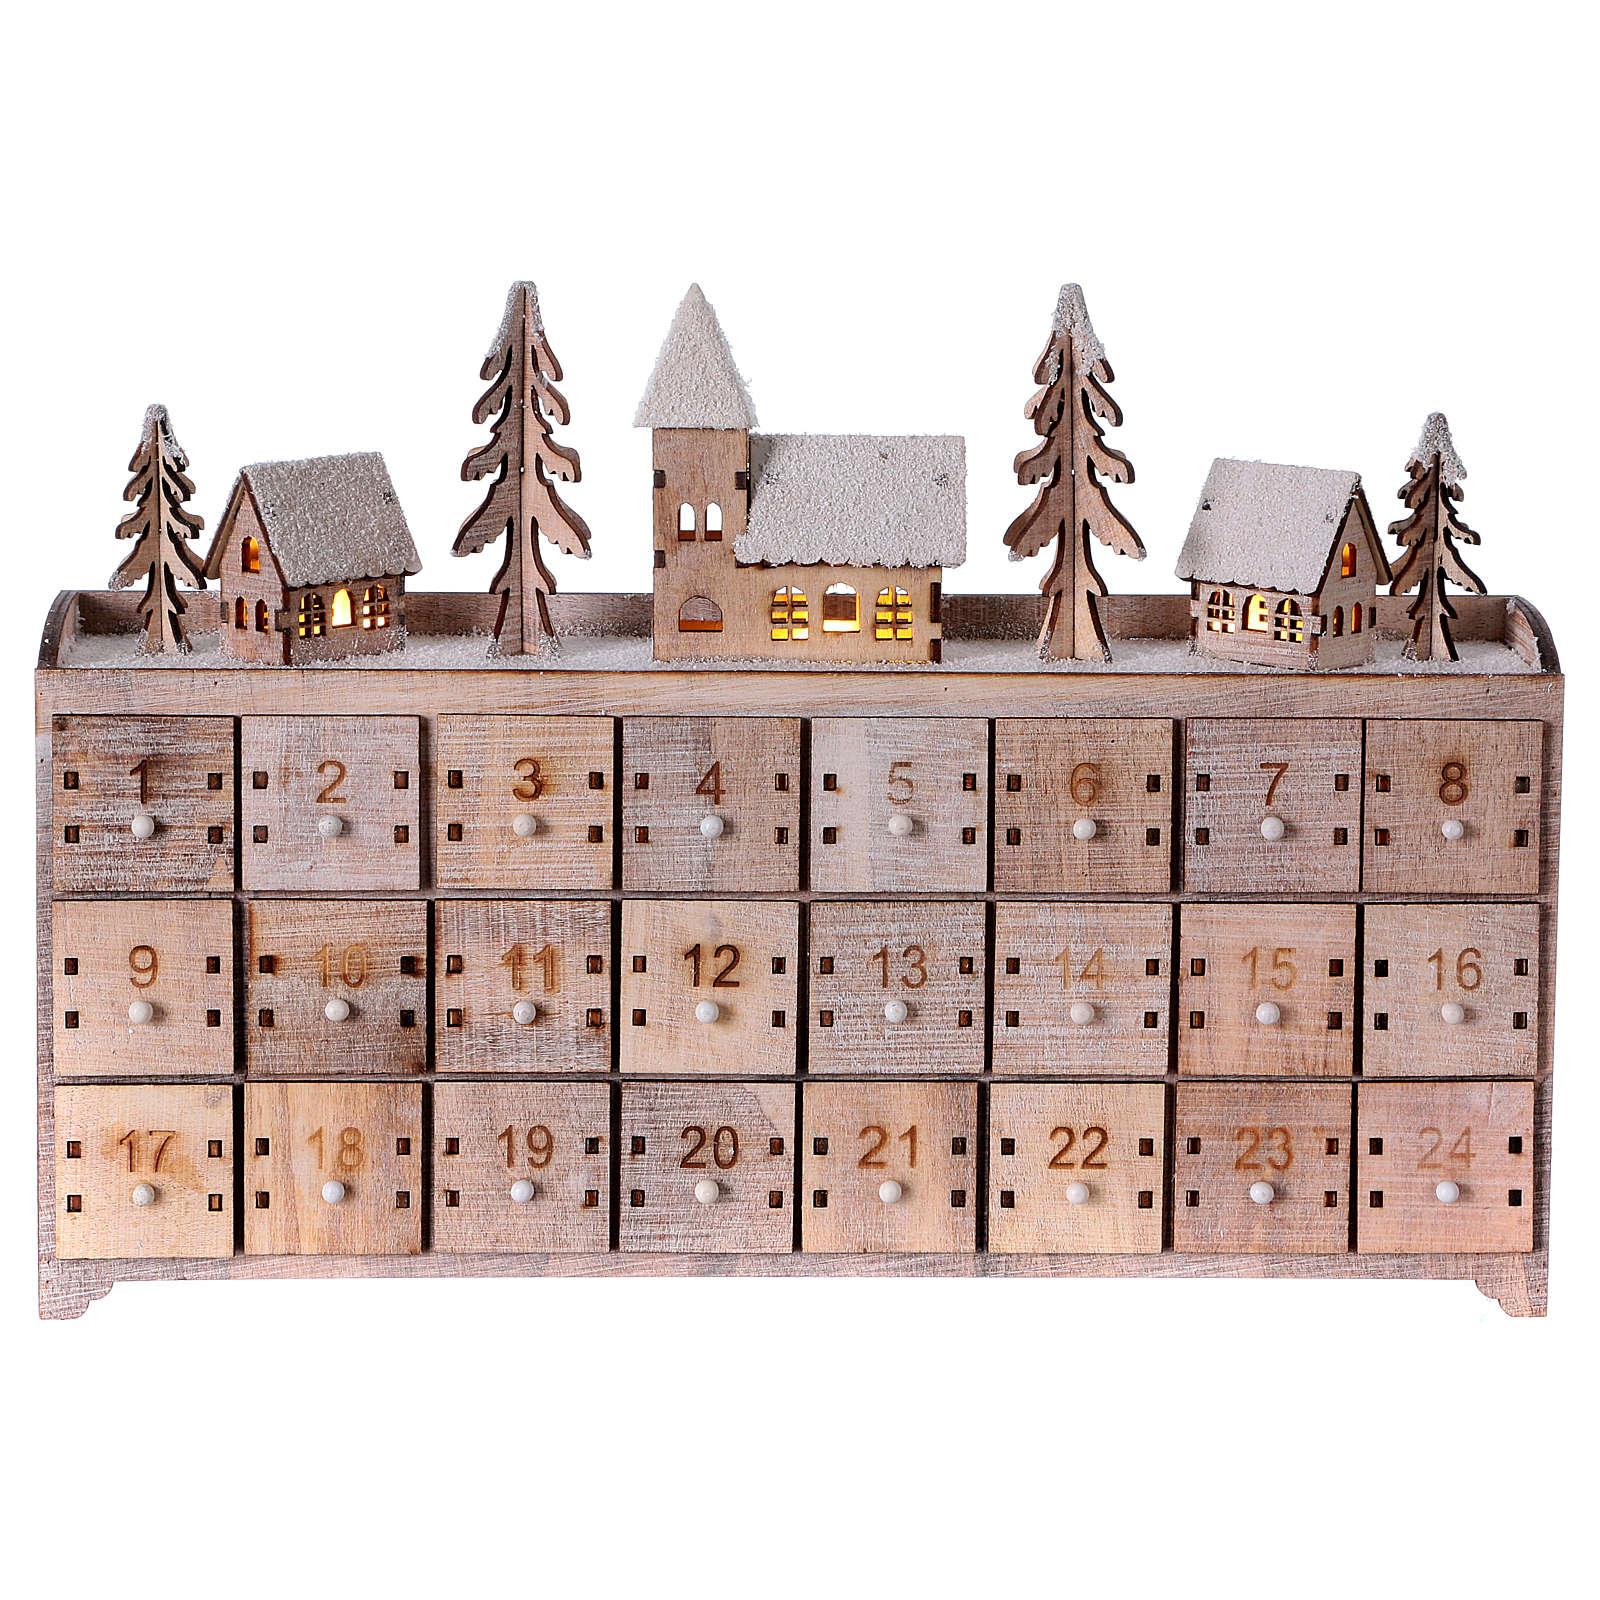 Calendario dell'Avvento in legno, con paesaggio e luci 3